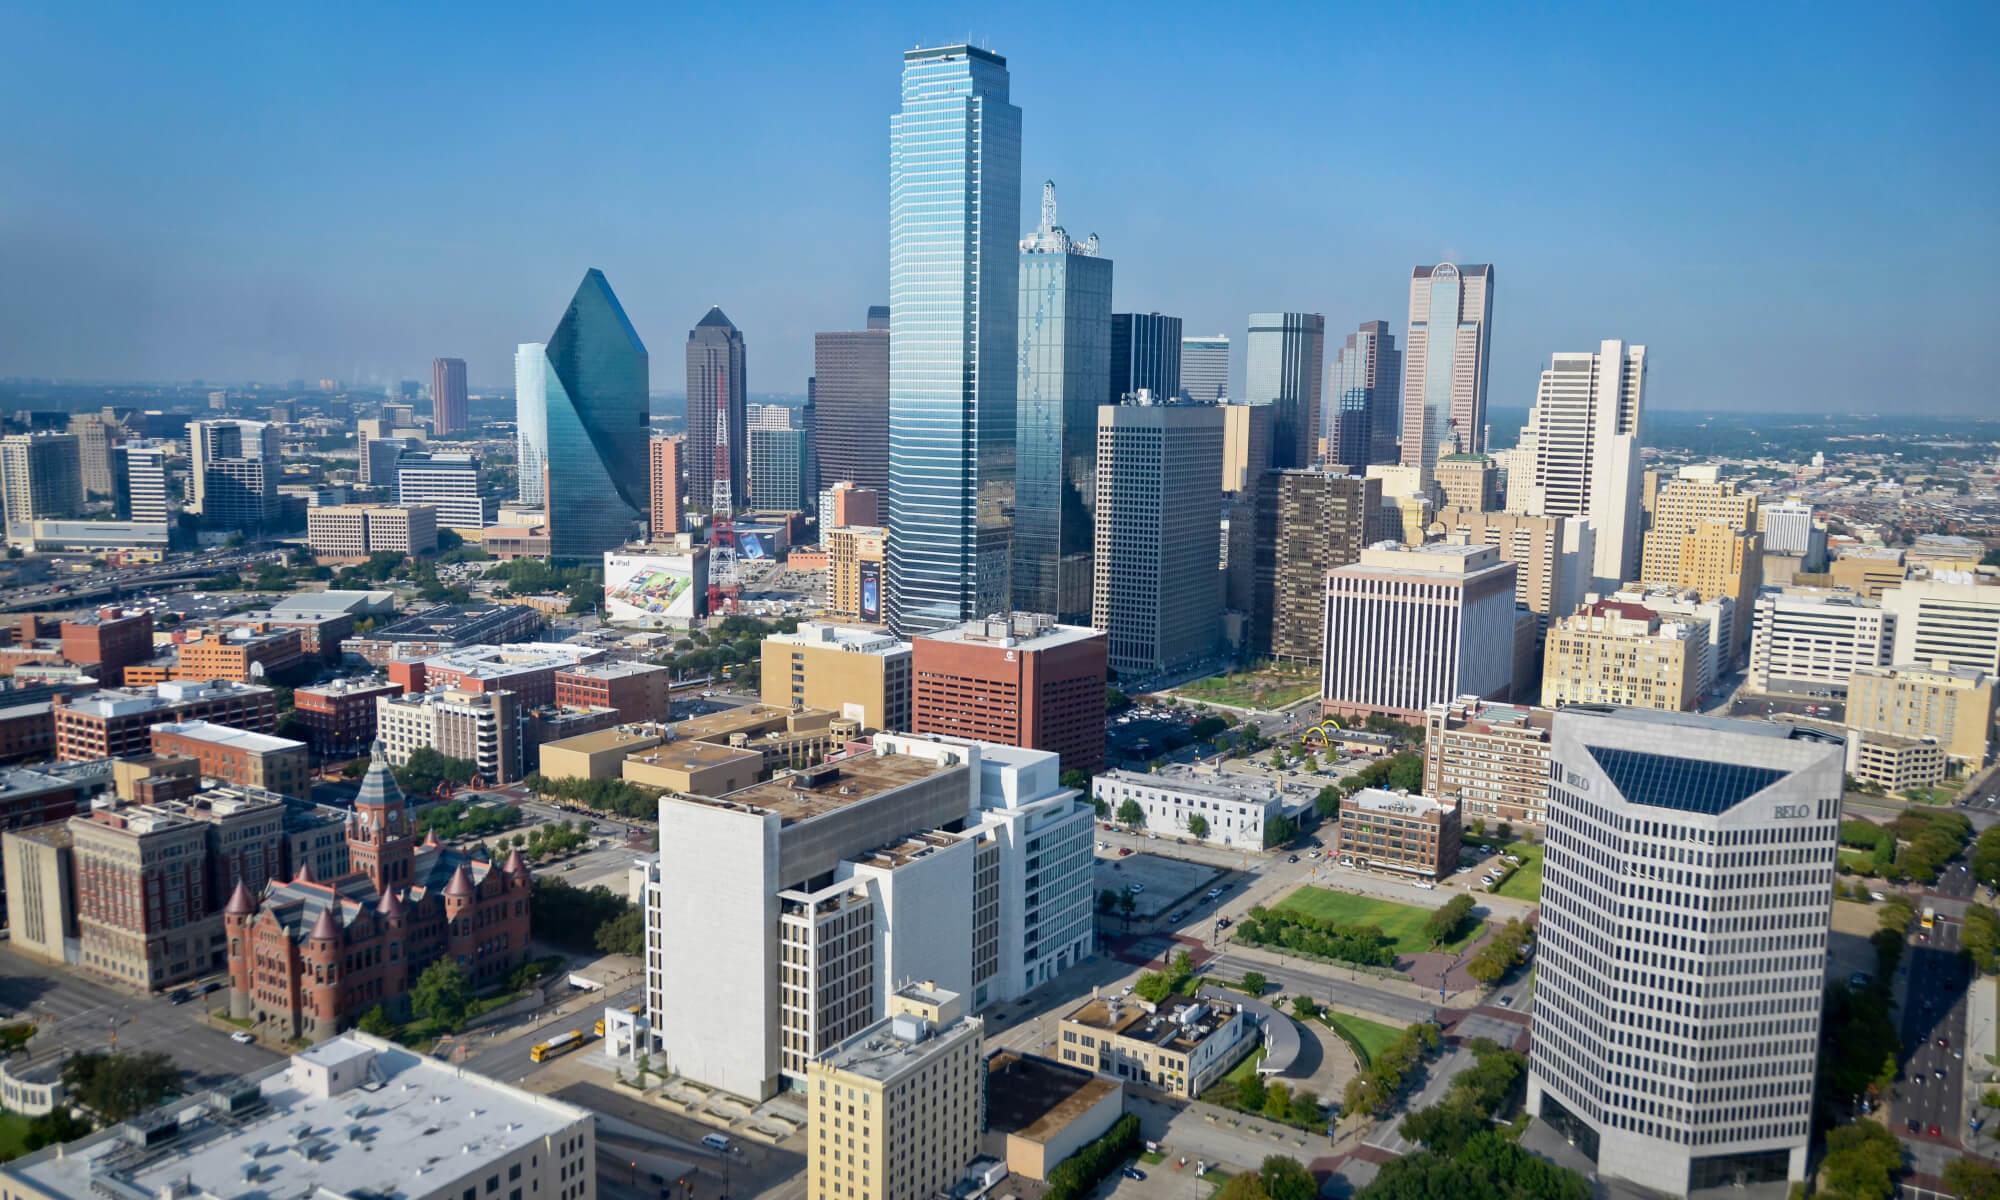 cityscape of dallas, texas